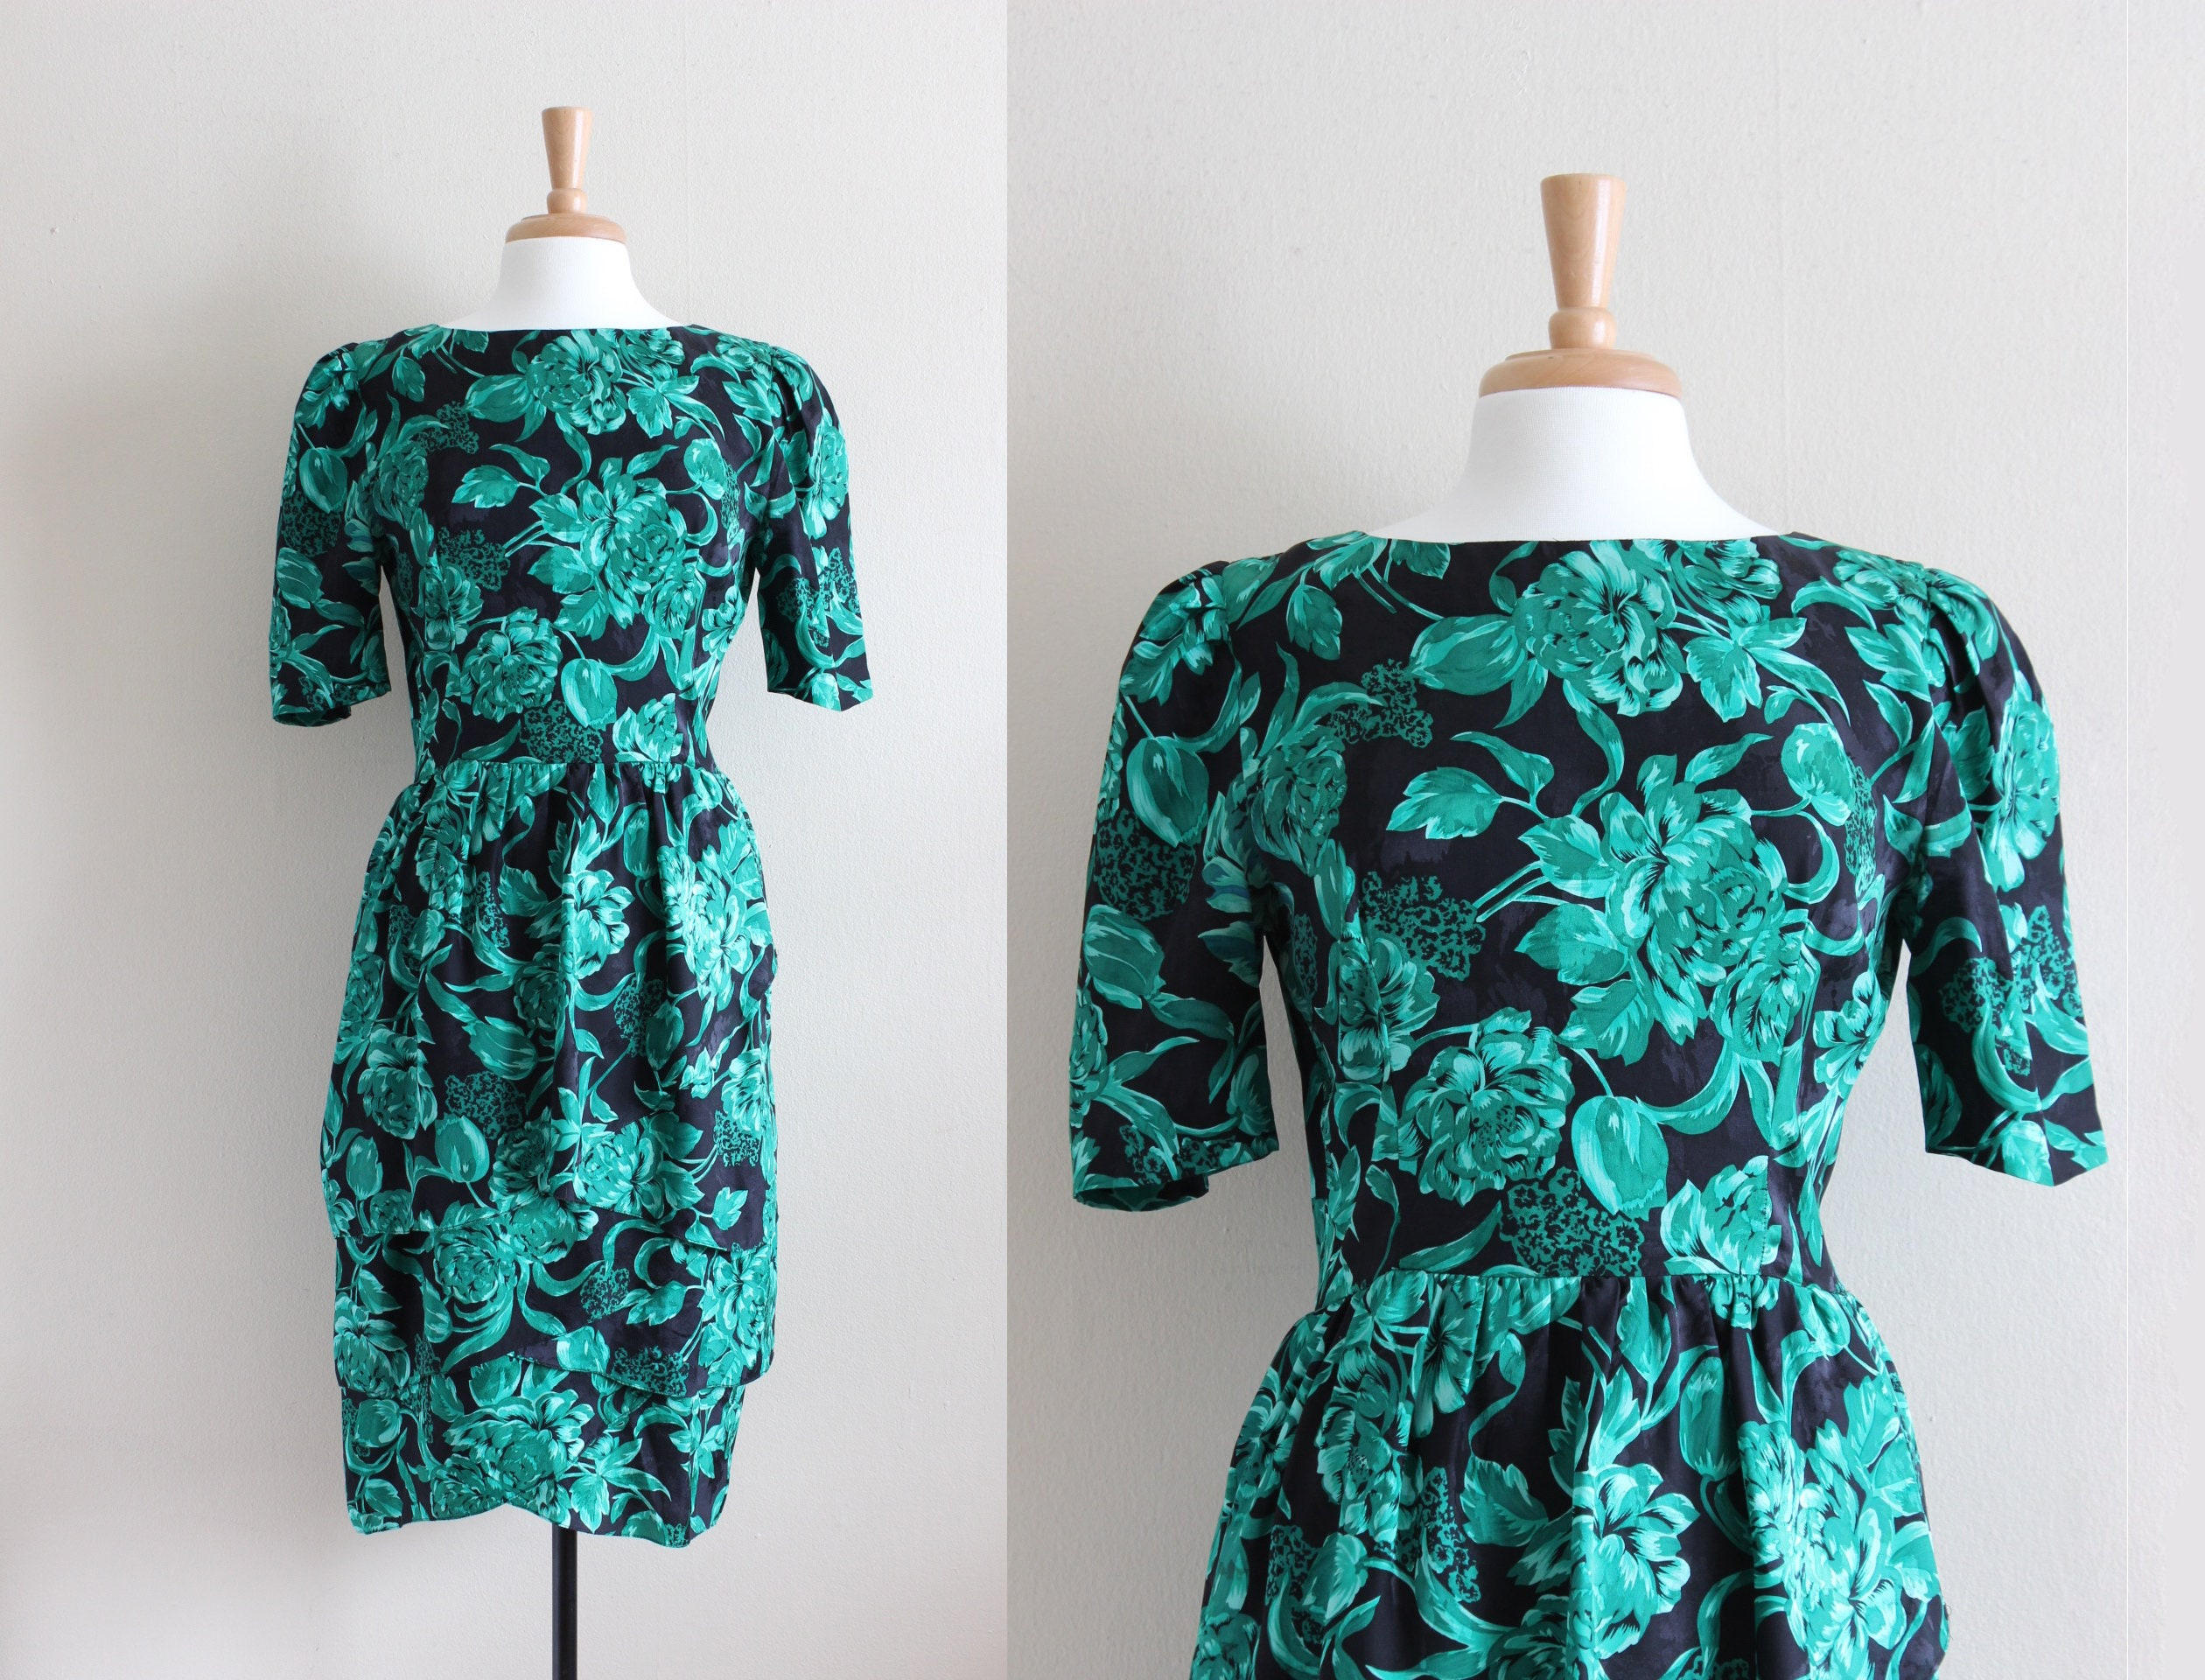 80s Dresses | Casual to Party Dresses Vintage 1980S Green  Black Floral Silk Dress $86.00 AT vintagedancer.com